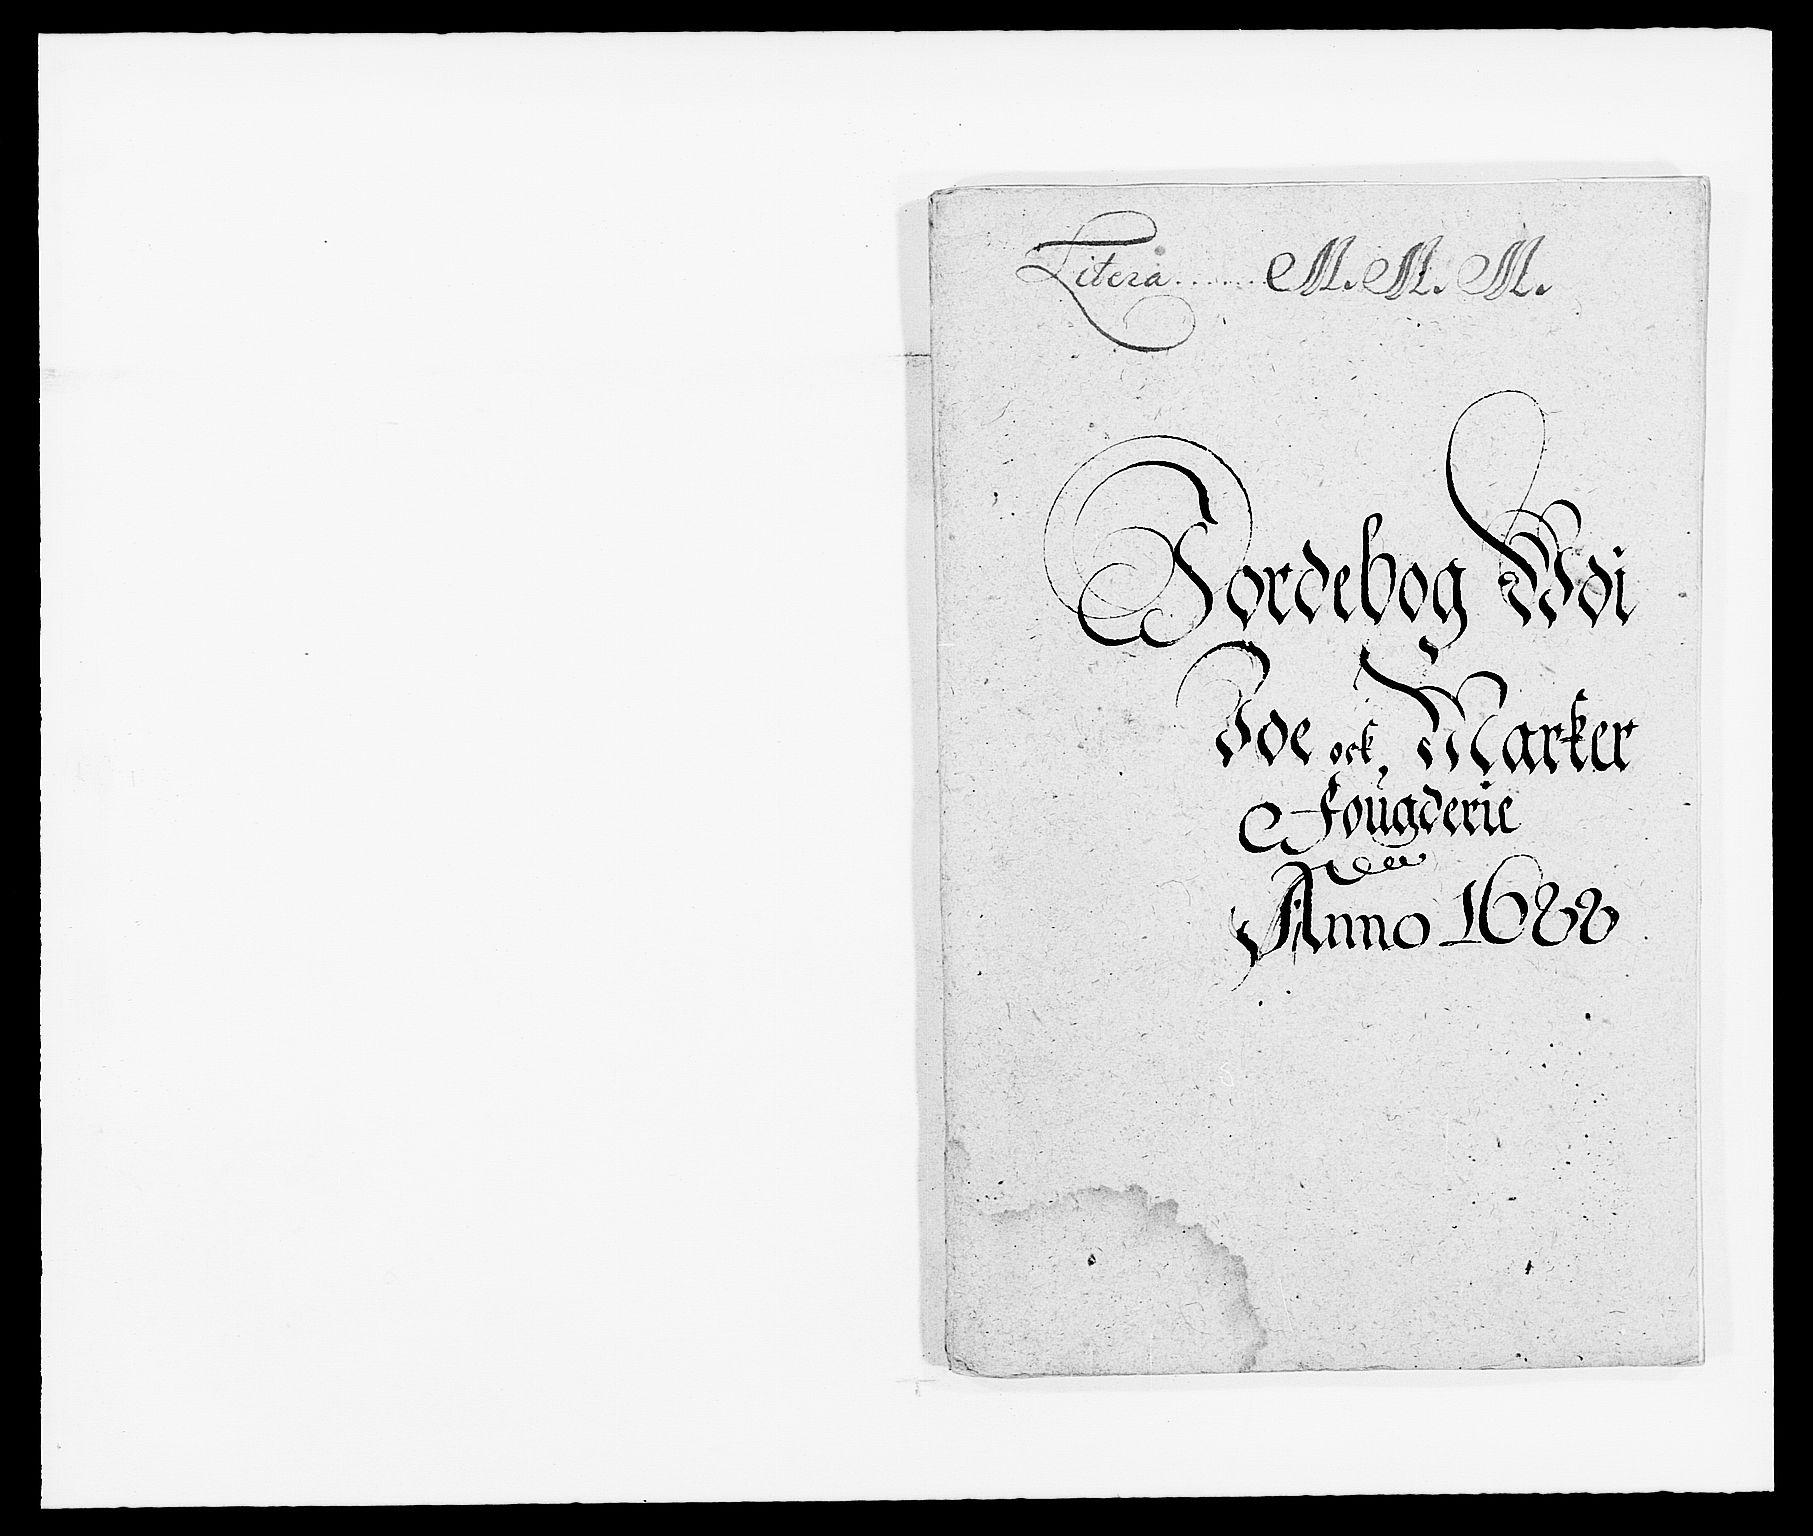 RA, Rentekammeret inntil 1814, Reviderte regnskaper, Fogderegnskap, R01/L0007: Fogderegnskap Idd og Marker, 1687-1688, s. 218